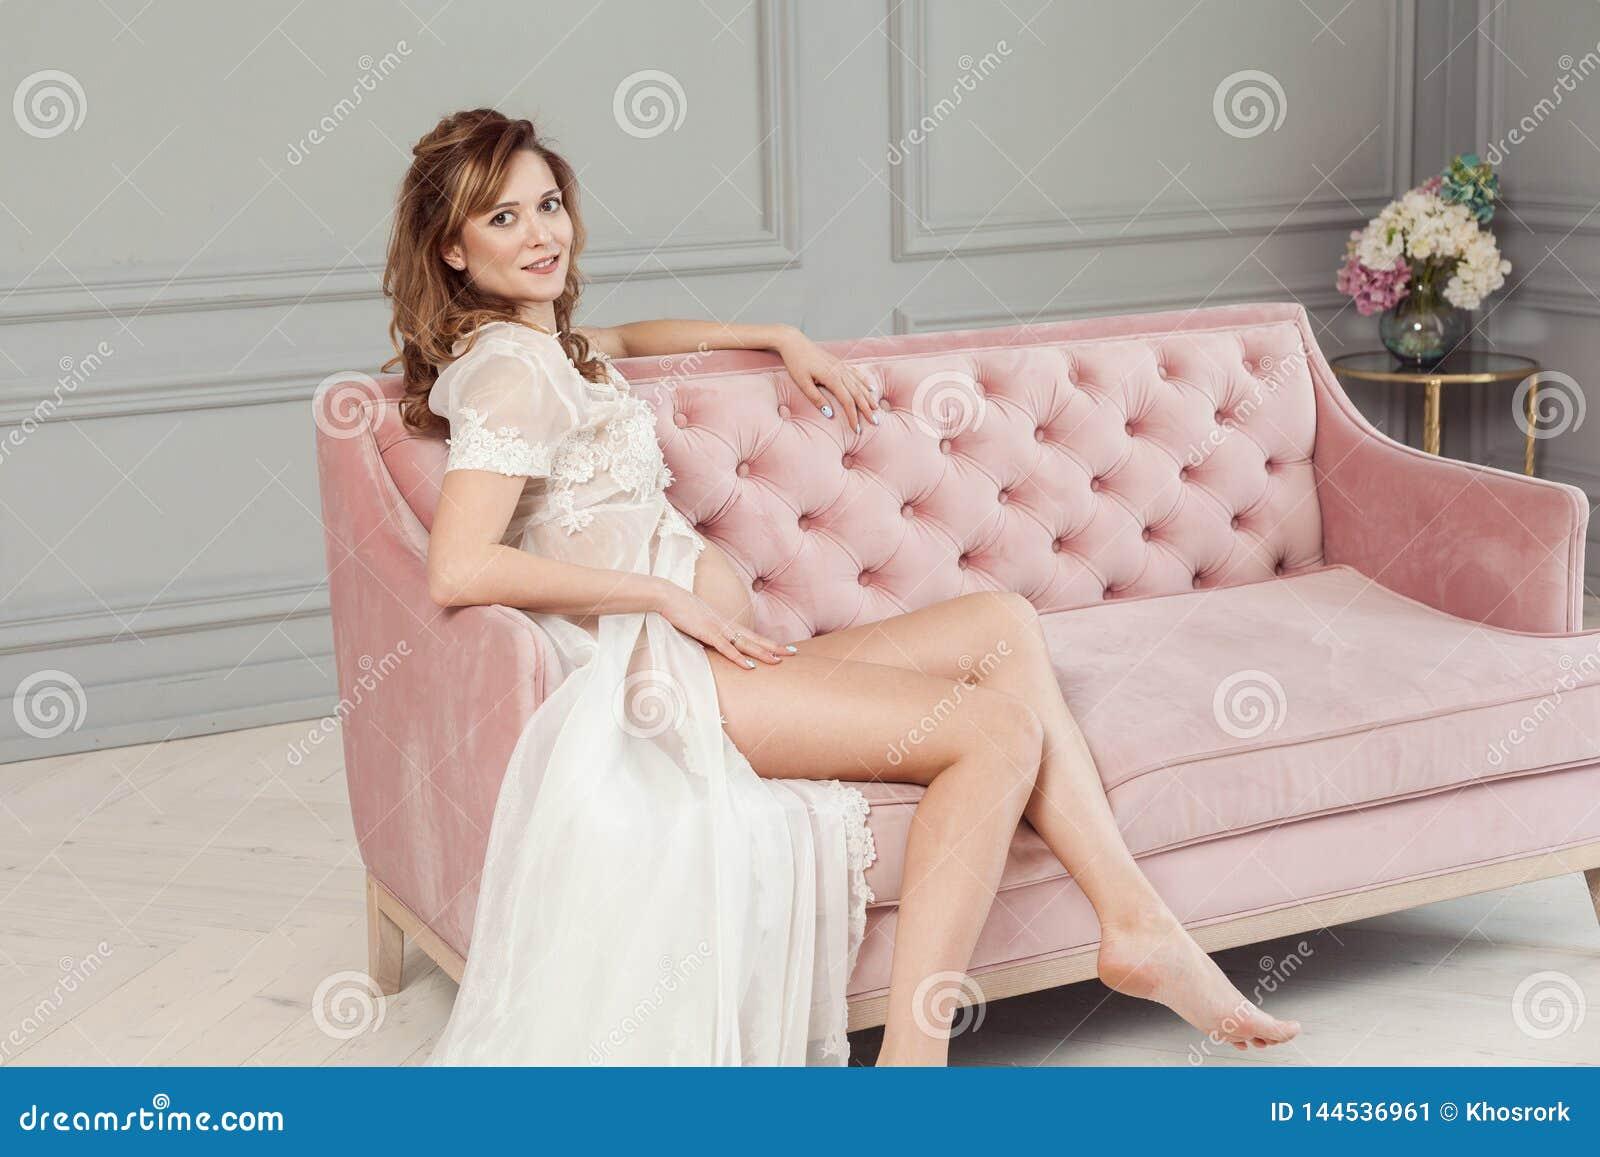 Jeune femme enceinte dans le peignoir blanc de robe se reposant sur le sofa rose, montrant son ventre nu et belles jambes, regard